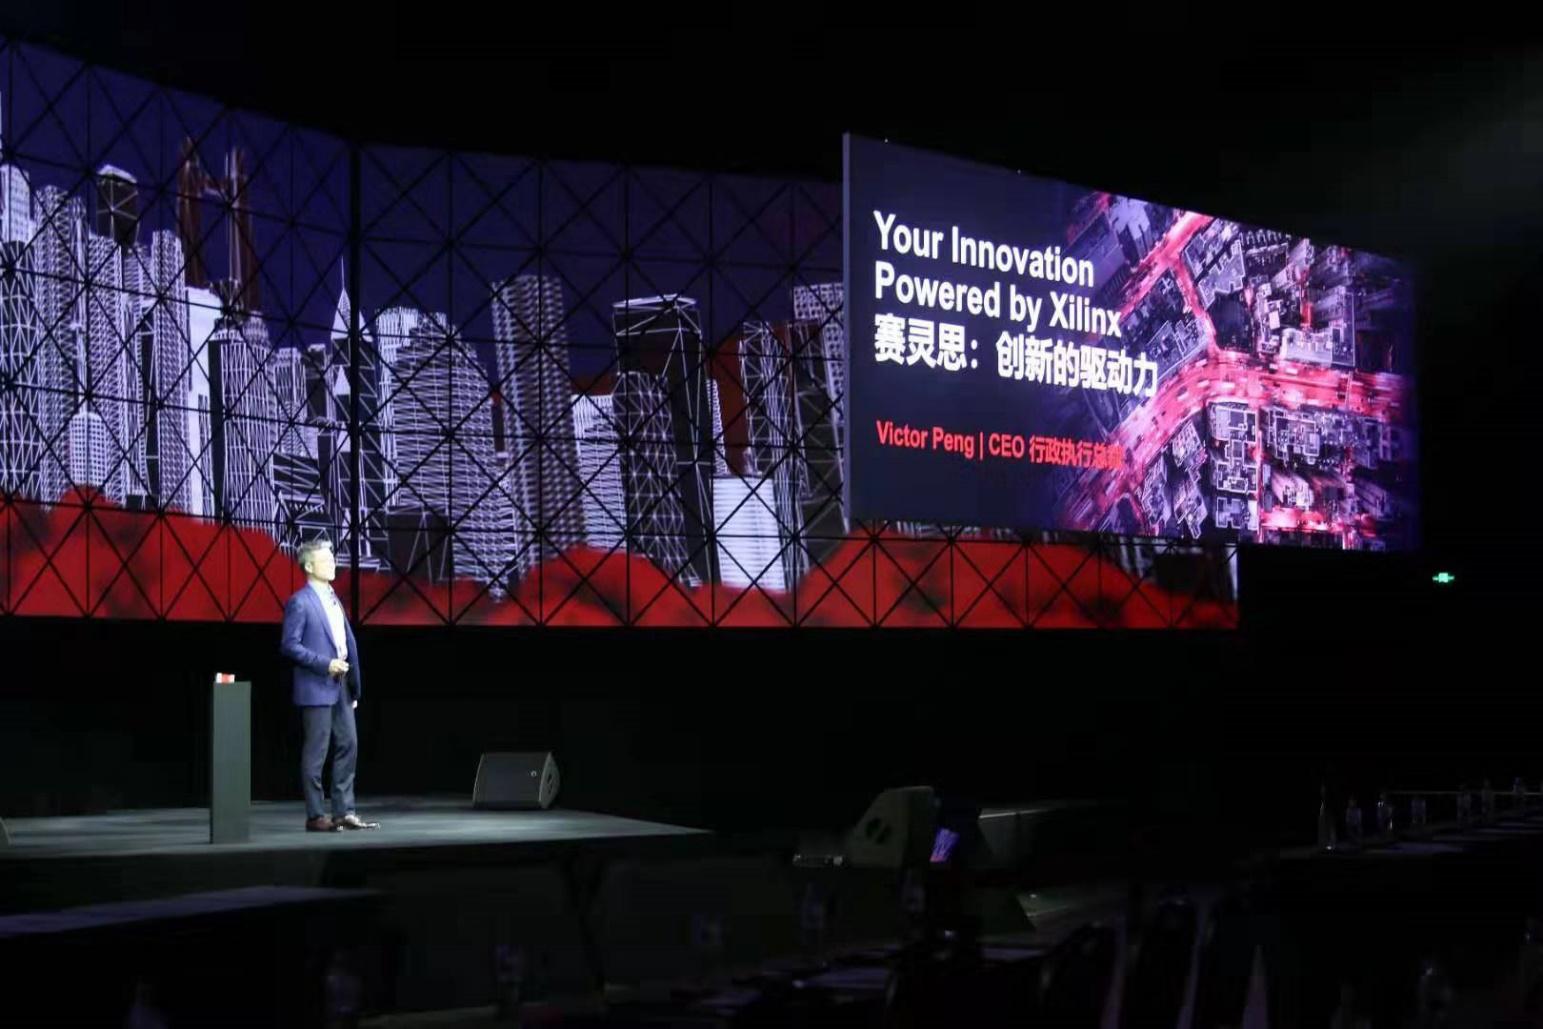 定位創新驅動力 —— Xilinx 三大戰略取得重大成就